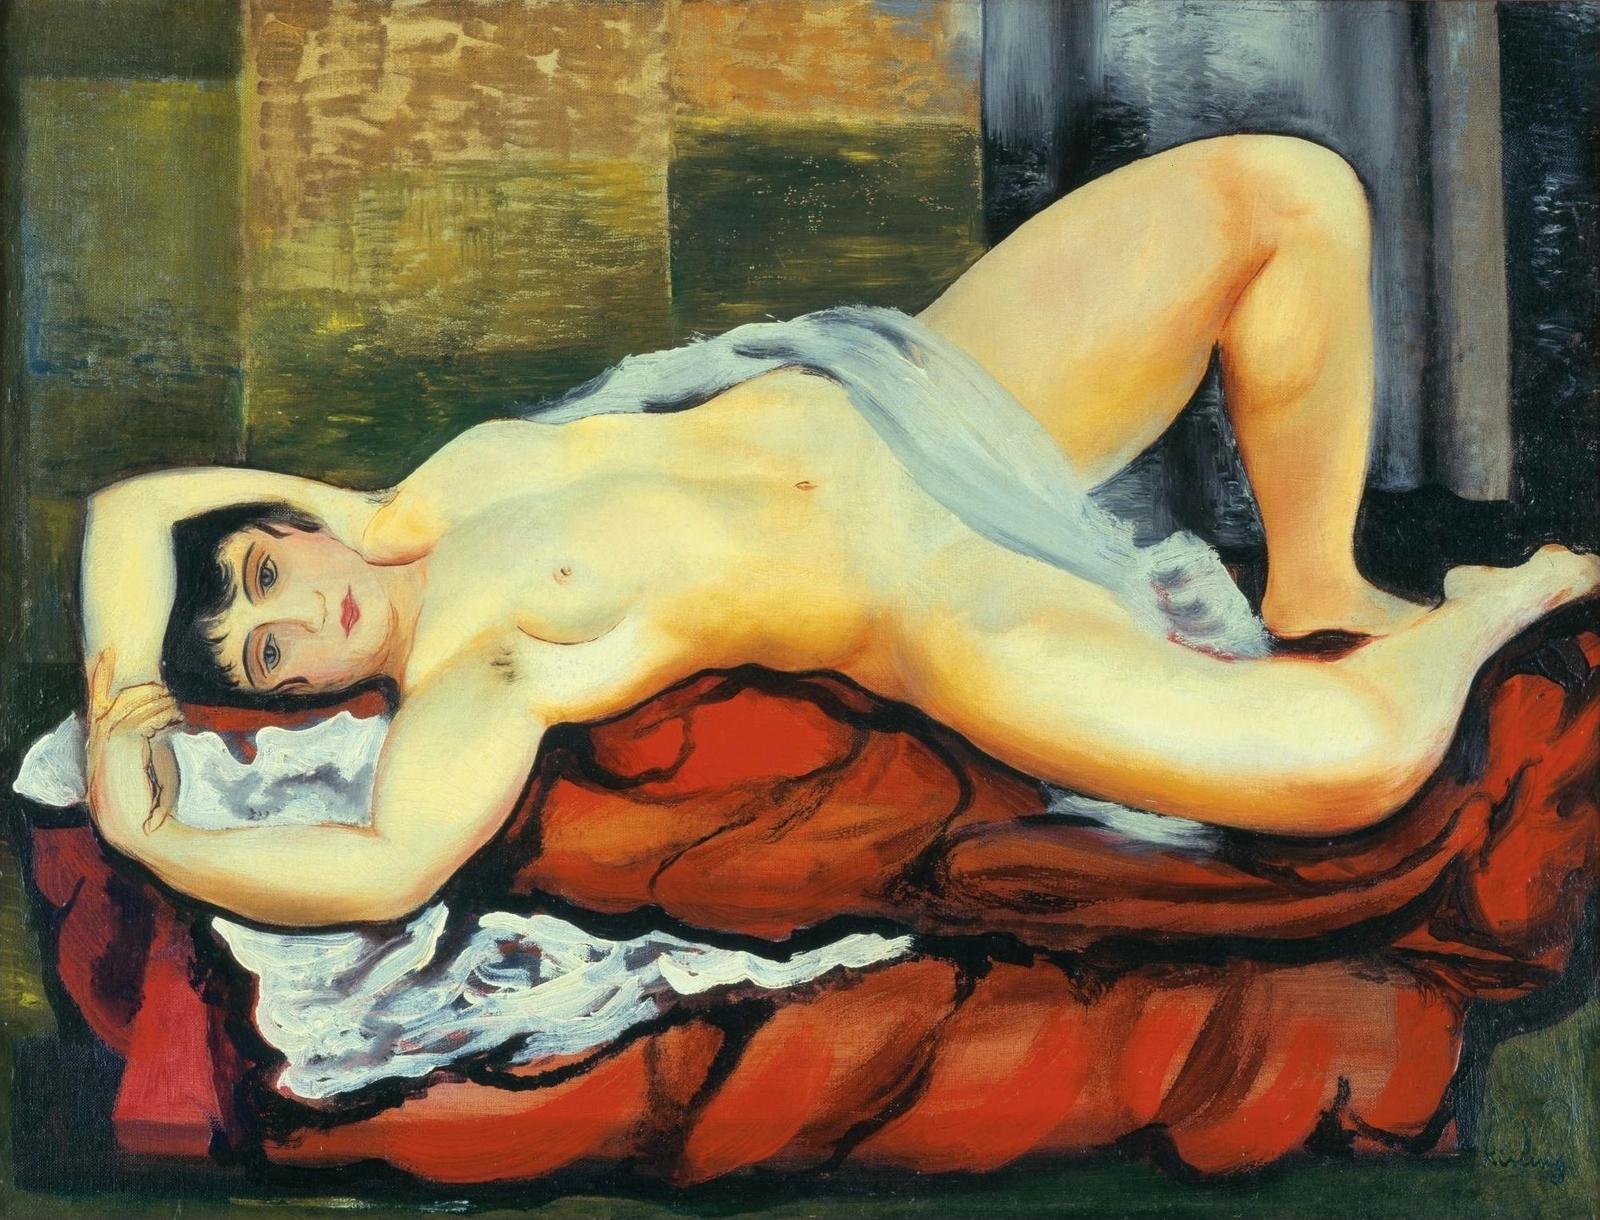 Моисей Кислинг. 1919. Лежащая обнаженная на белой простыне (Reclining Nude On White Sheet). 46 х 61. Холст, масло. Частное собрание.